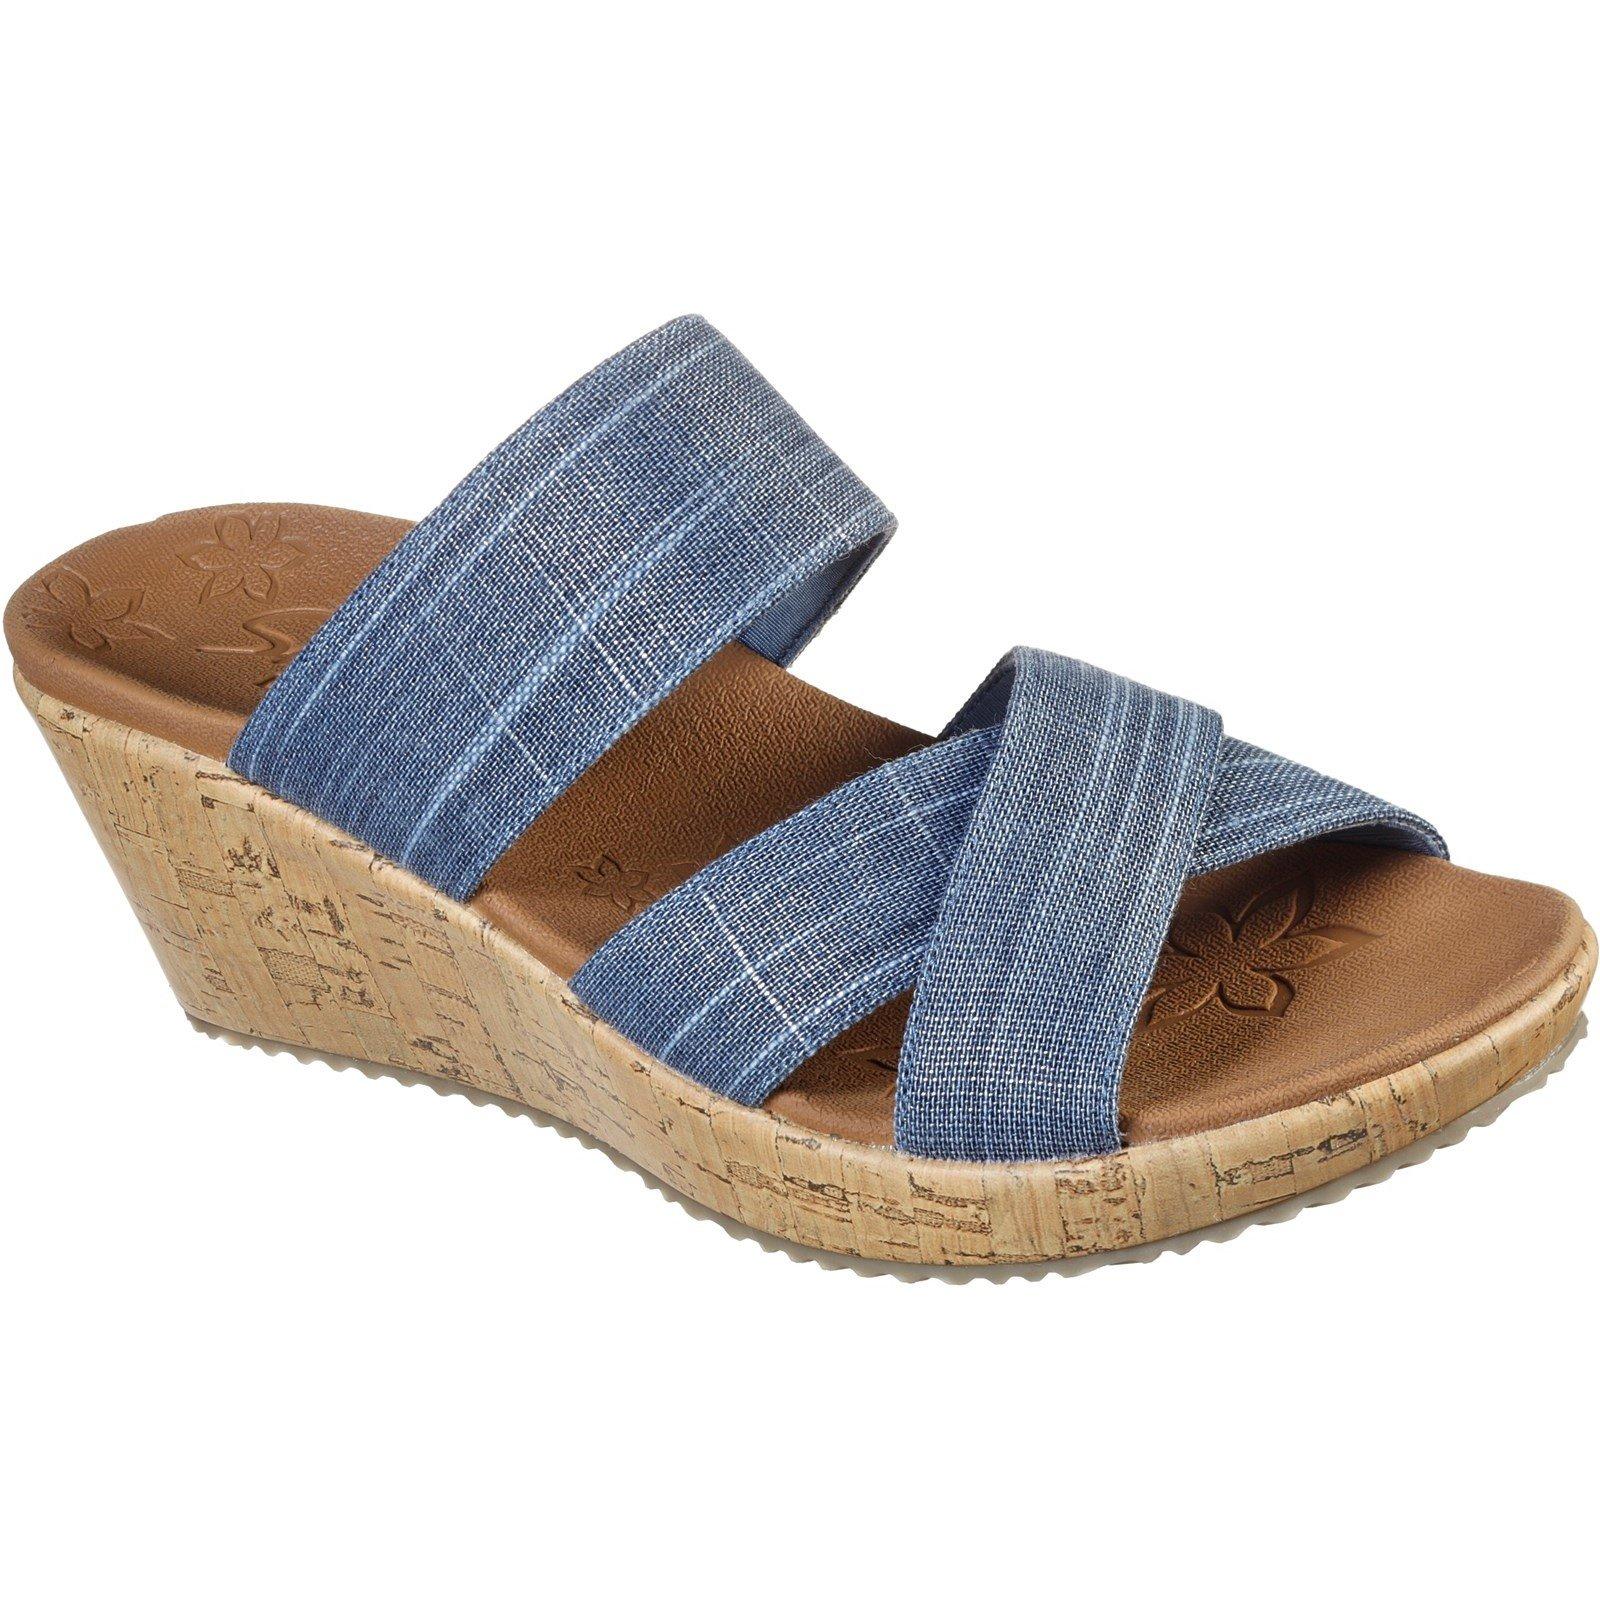 Skechers Women's Beverlee Canyon Dangle Summer Sandal Various Colours 32172 - Navy 8